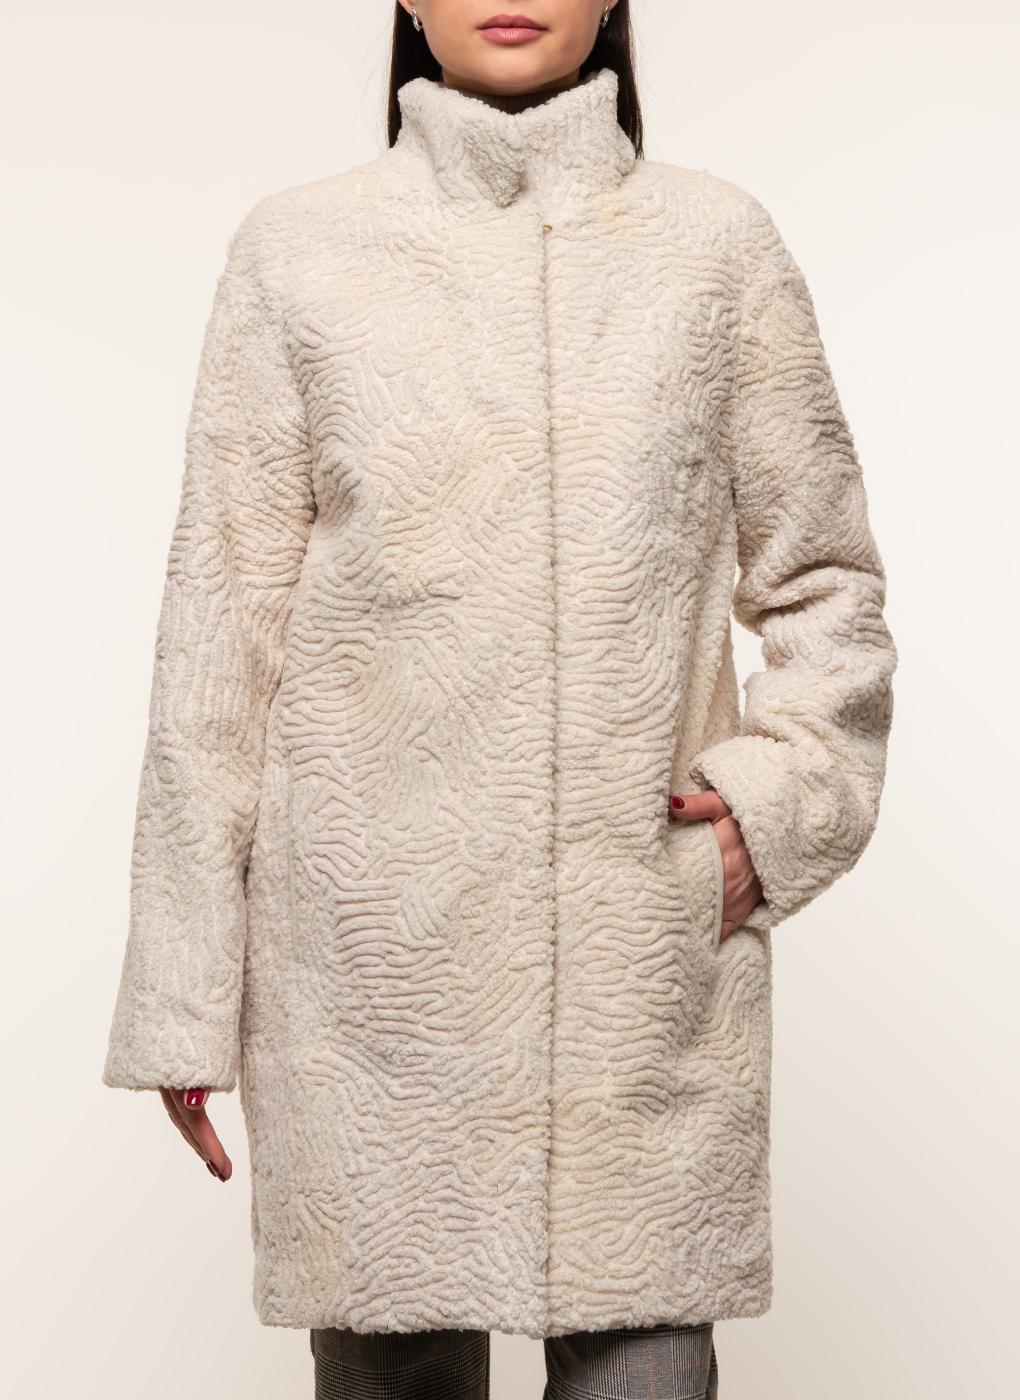 Пальто из овчины 09, Dzhanbekoff фото